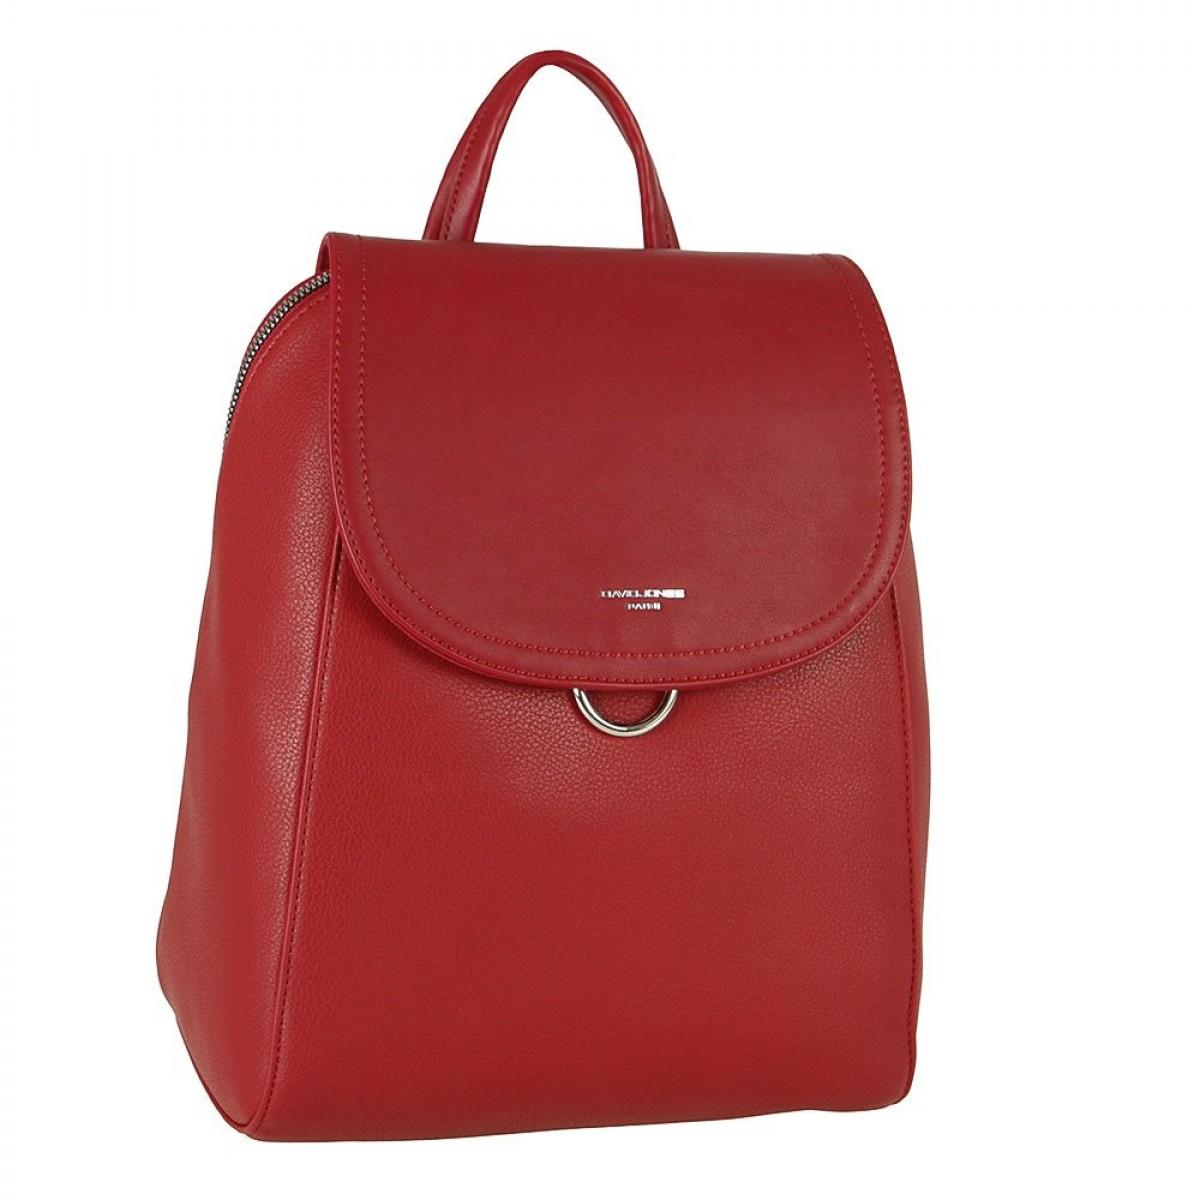 Жіночий рюкзак David Jones CM5876 DARK RED